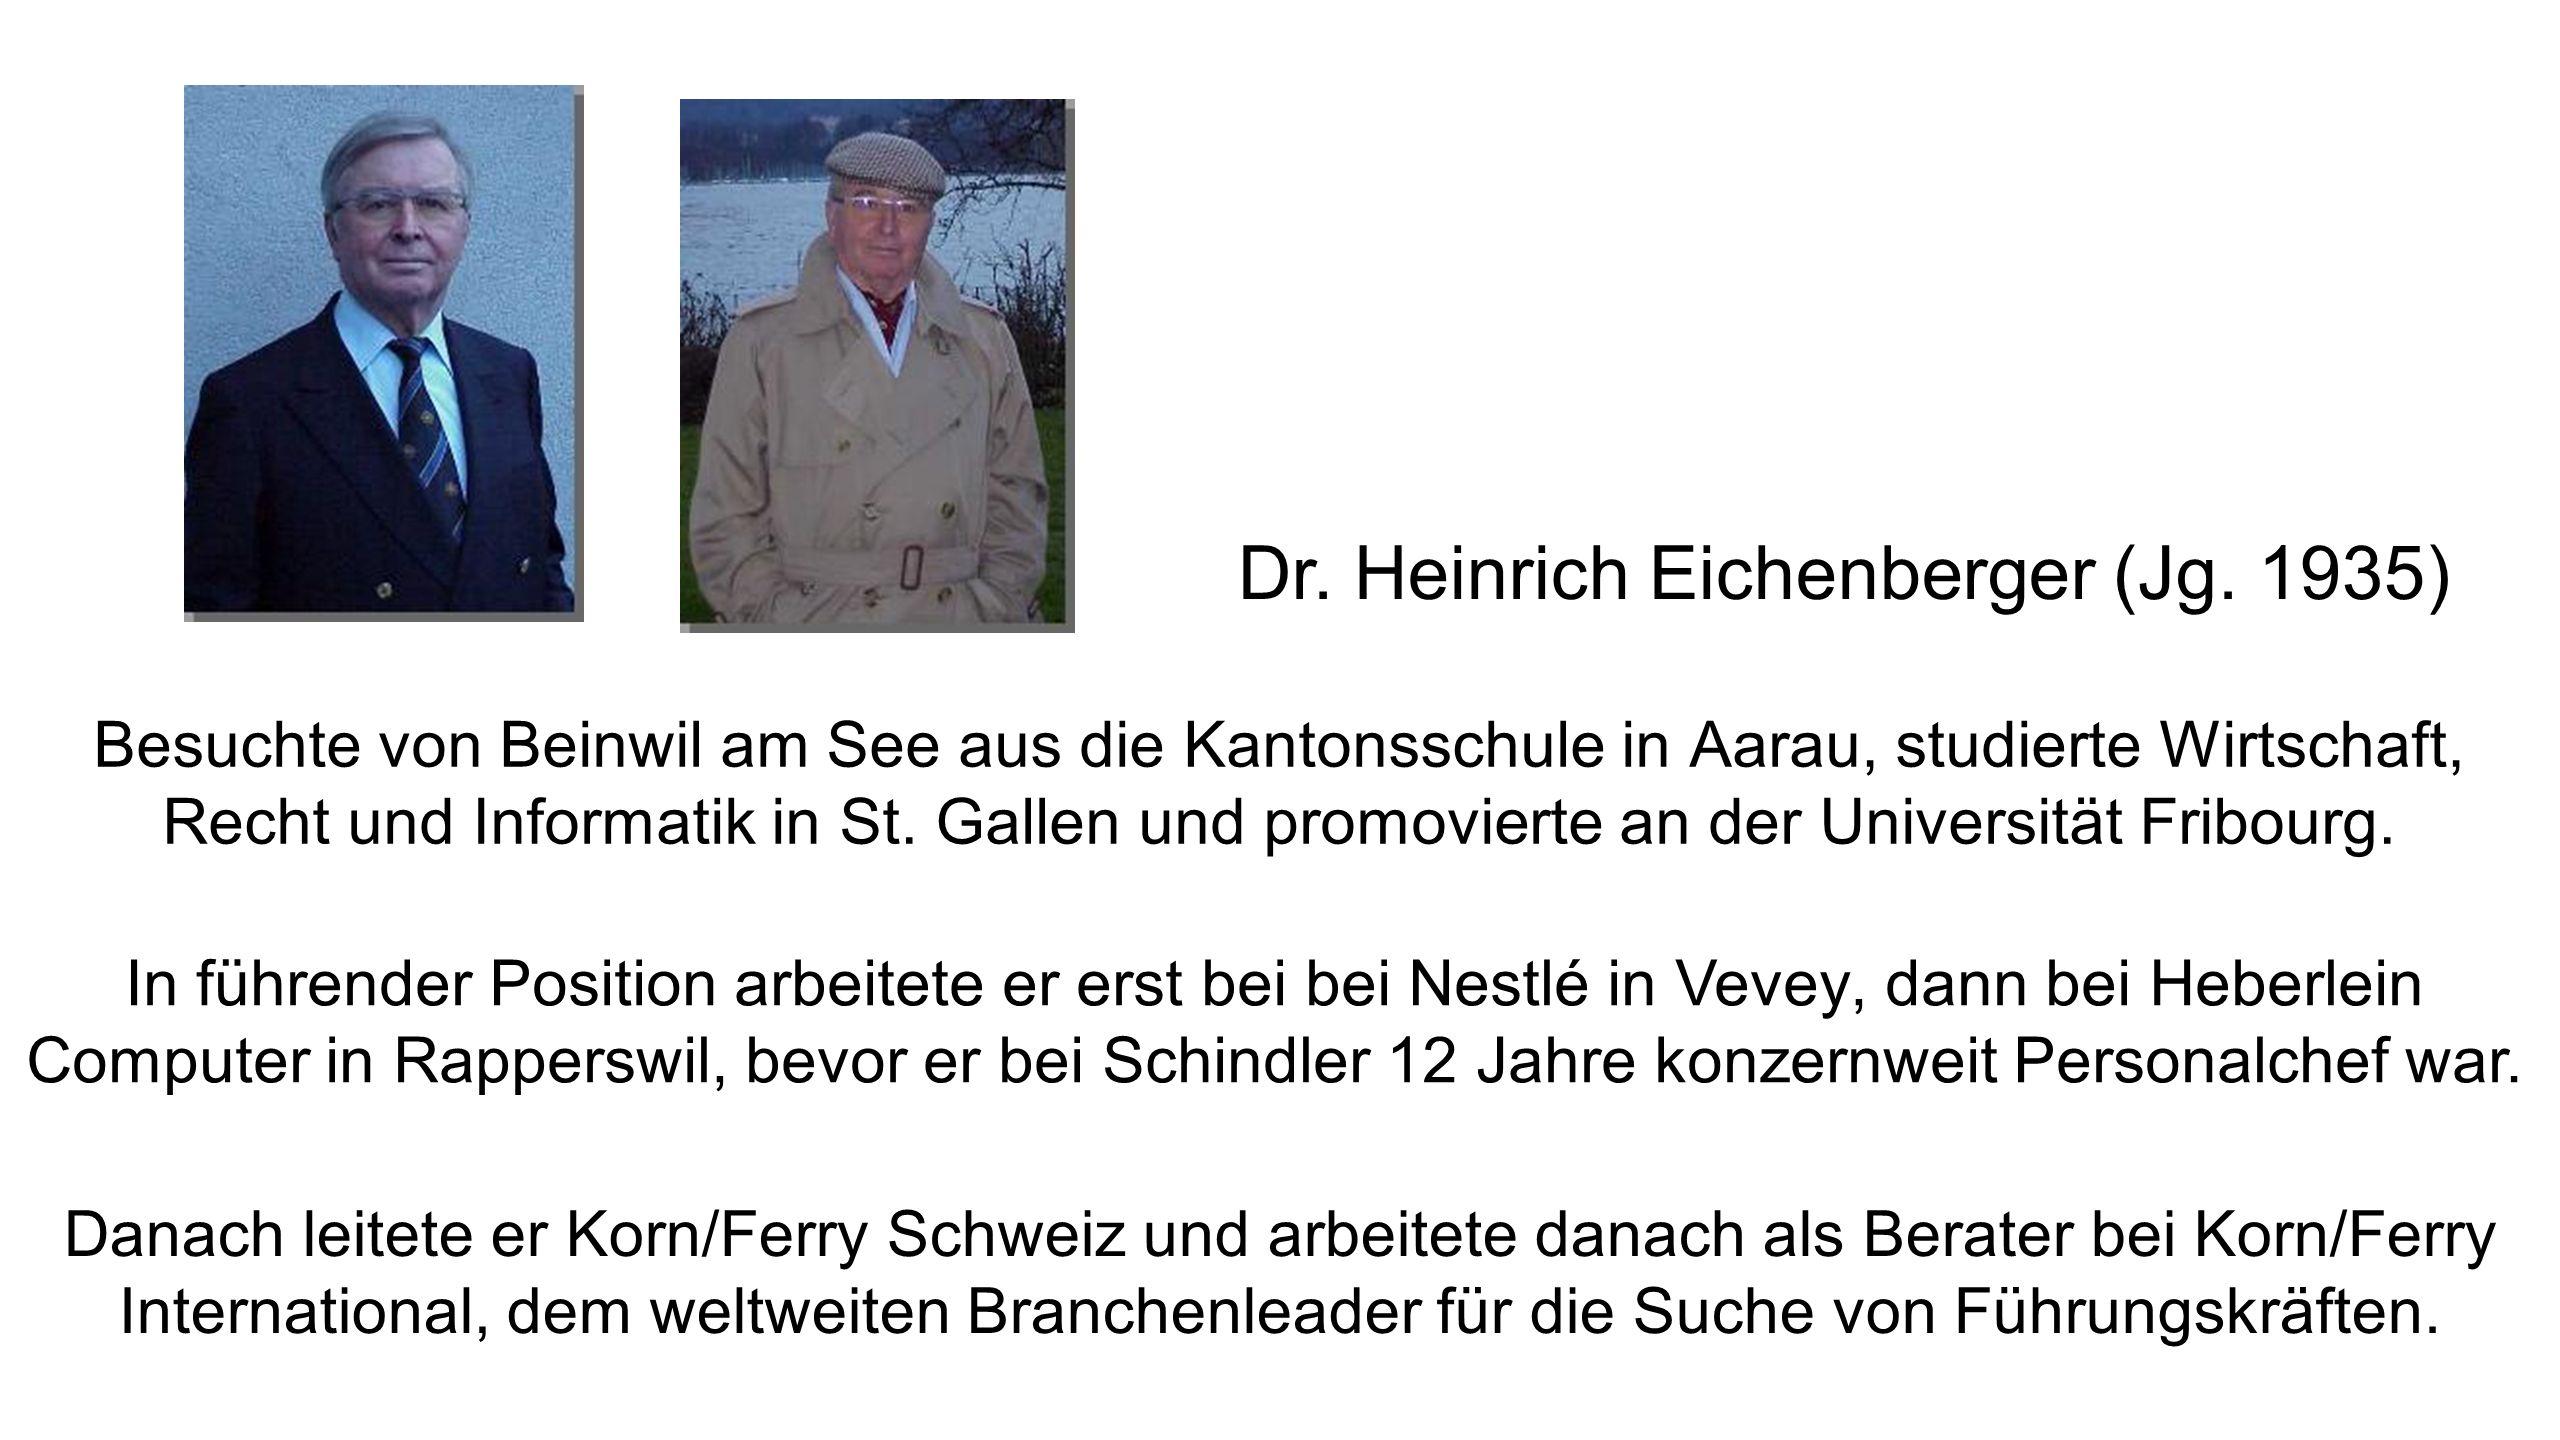 Dr. Heinrich Eichenberger (Jg. 1935)